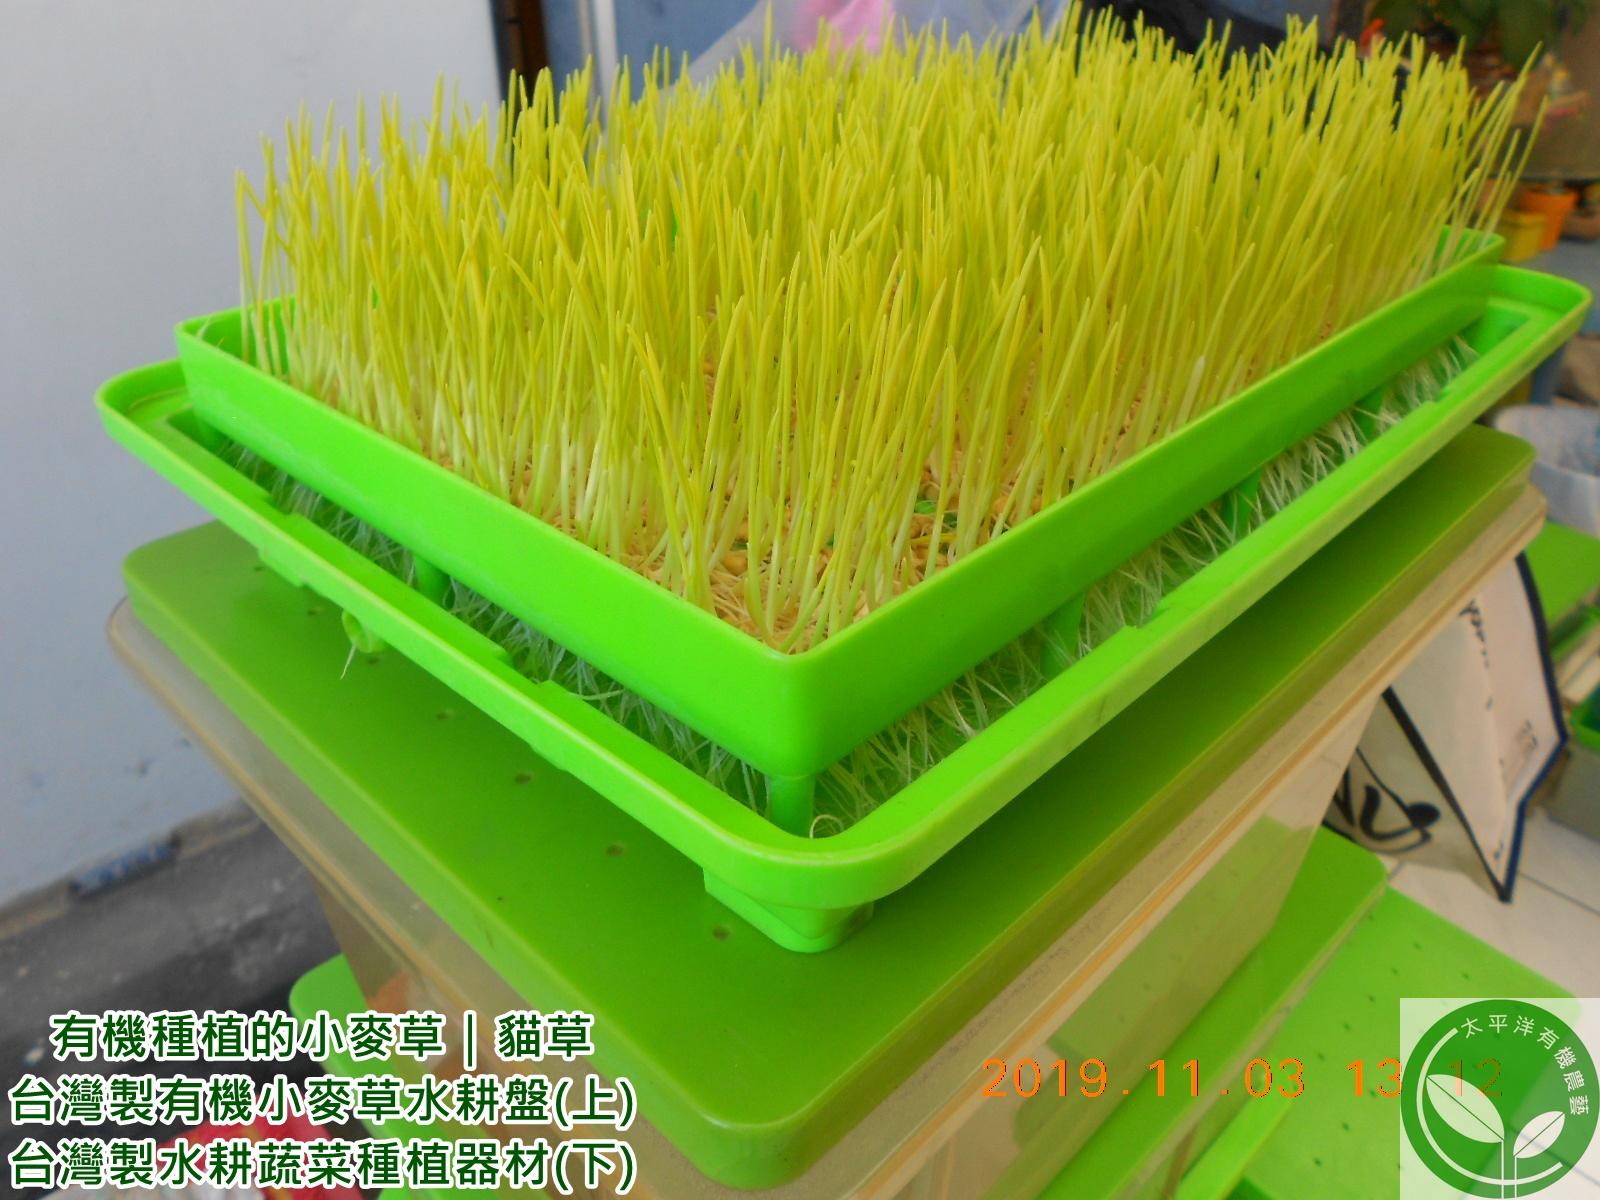 小麥草(貓草)種子|有機小麥草(貓草):太平洋有機農藝-有機水耕種植小麥草(貓草)